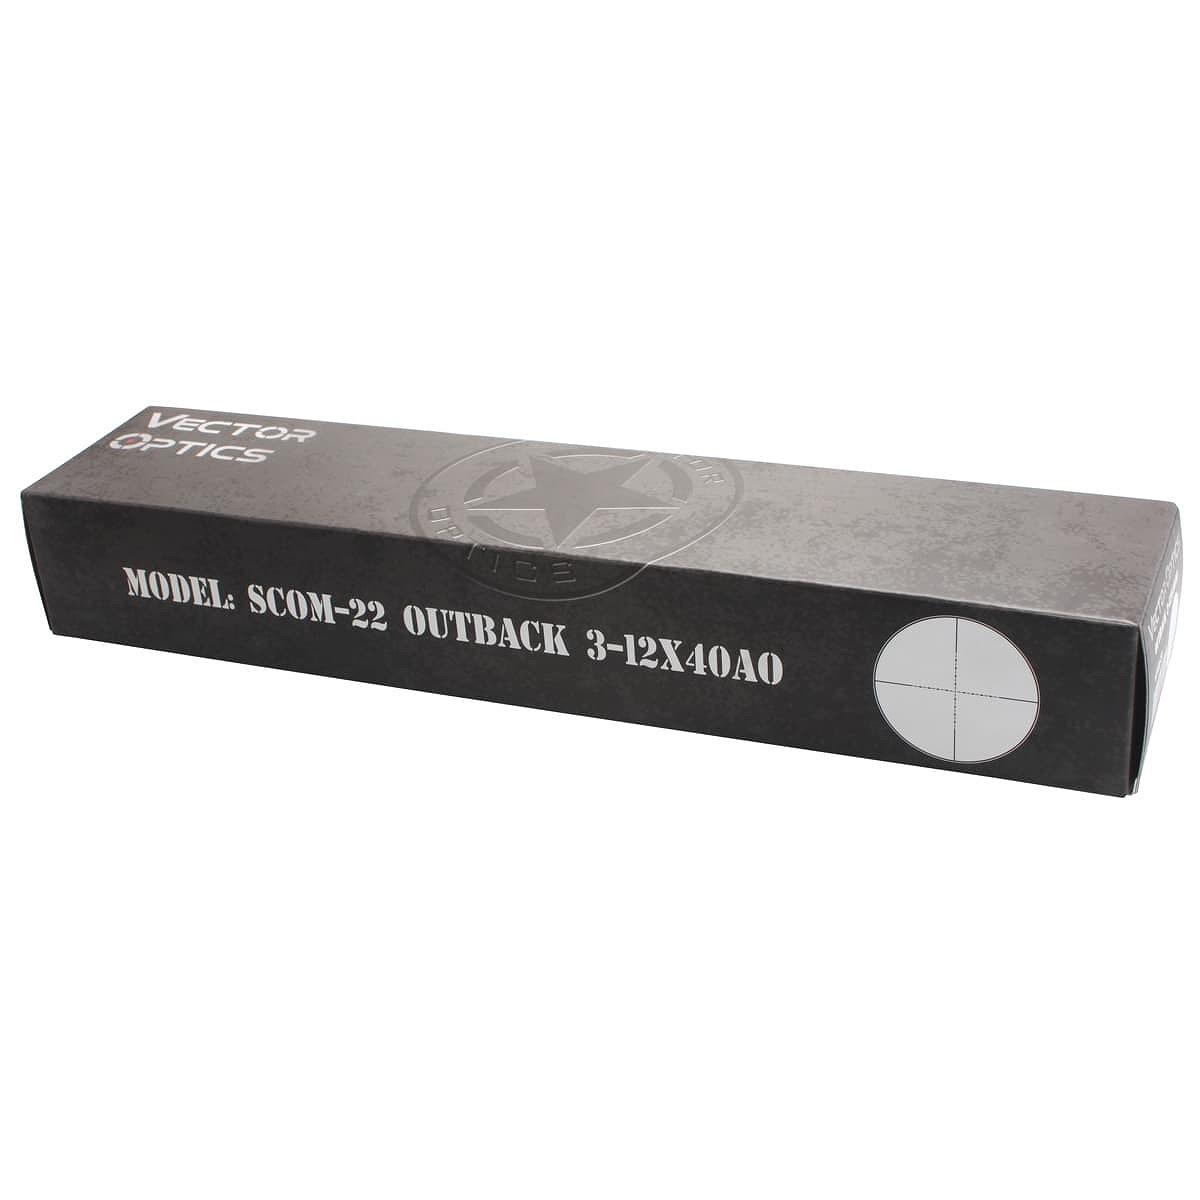 【お届け予定日: 3月30日】ベクターオプティクス ライフルスコープ Outback 3-12x40  Vector Optics SCOM-22